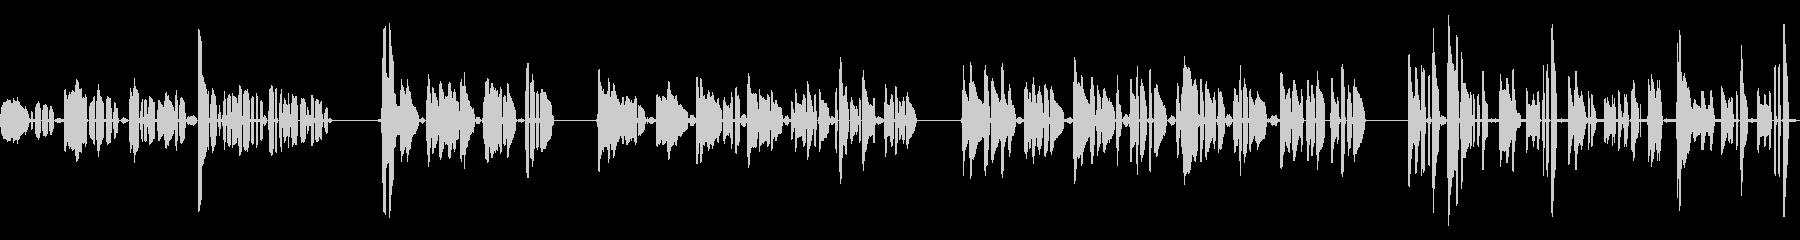 ハミングアチューン、ヒューマン、マ...の未再生の波形